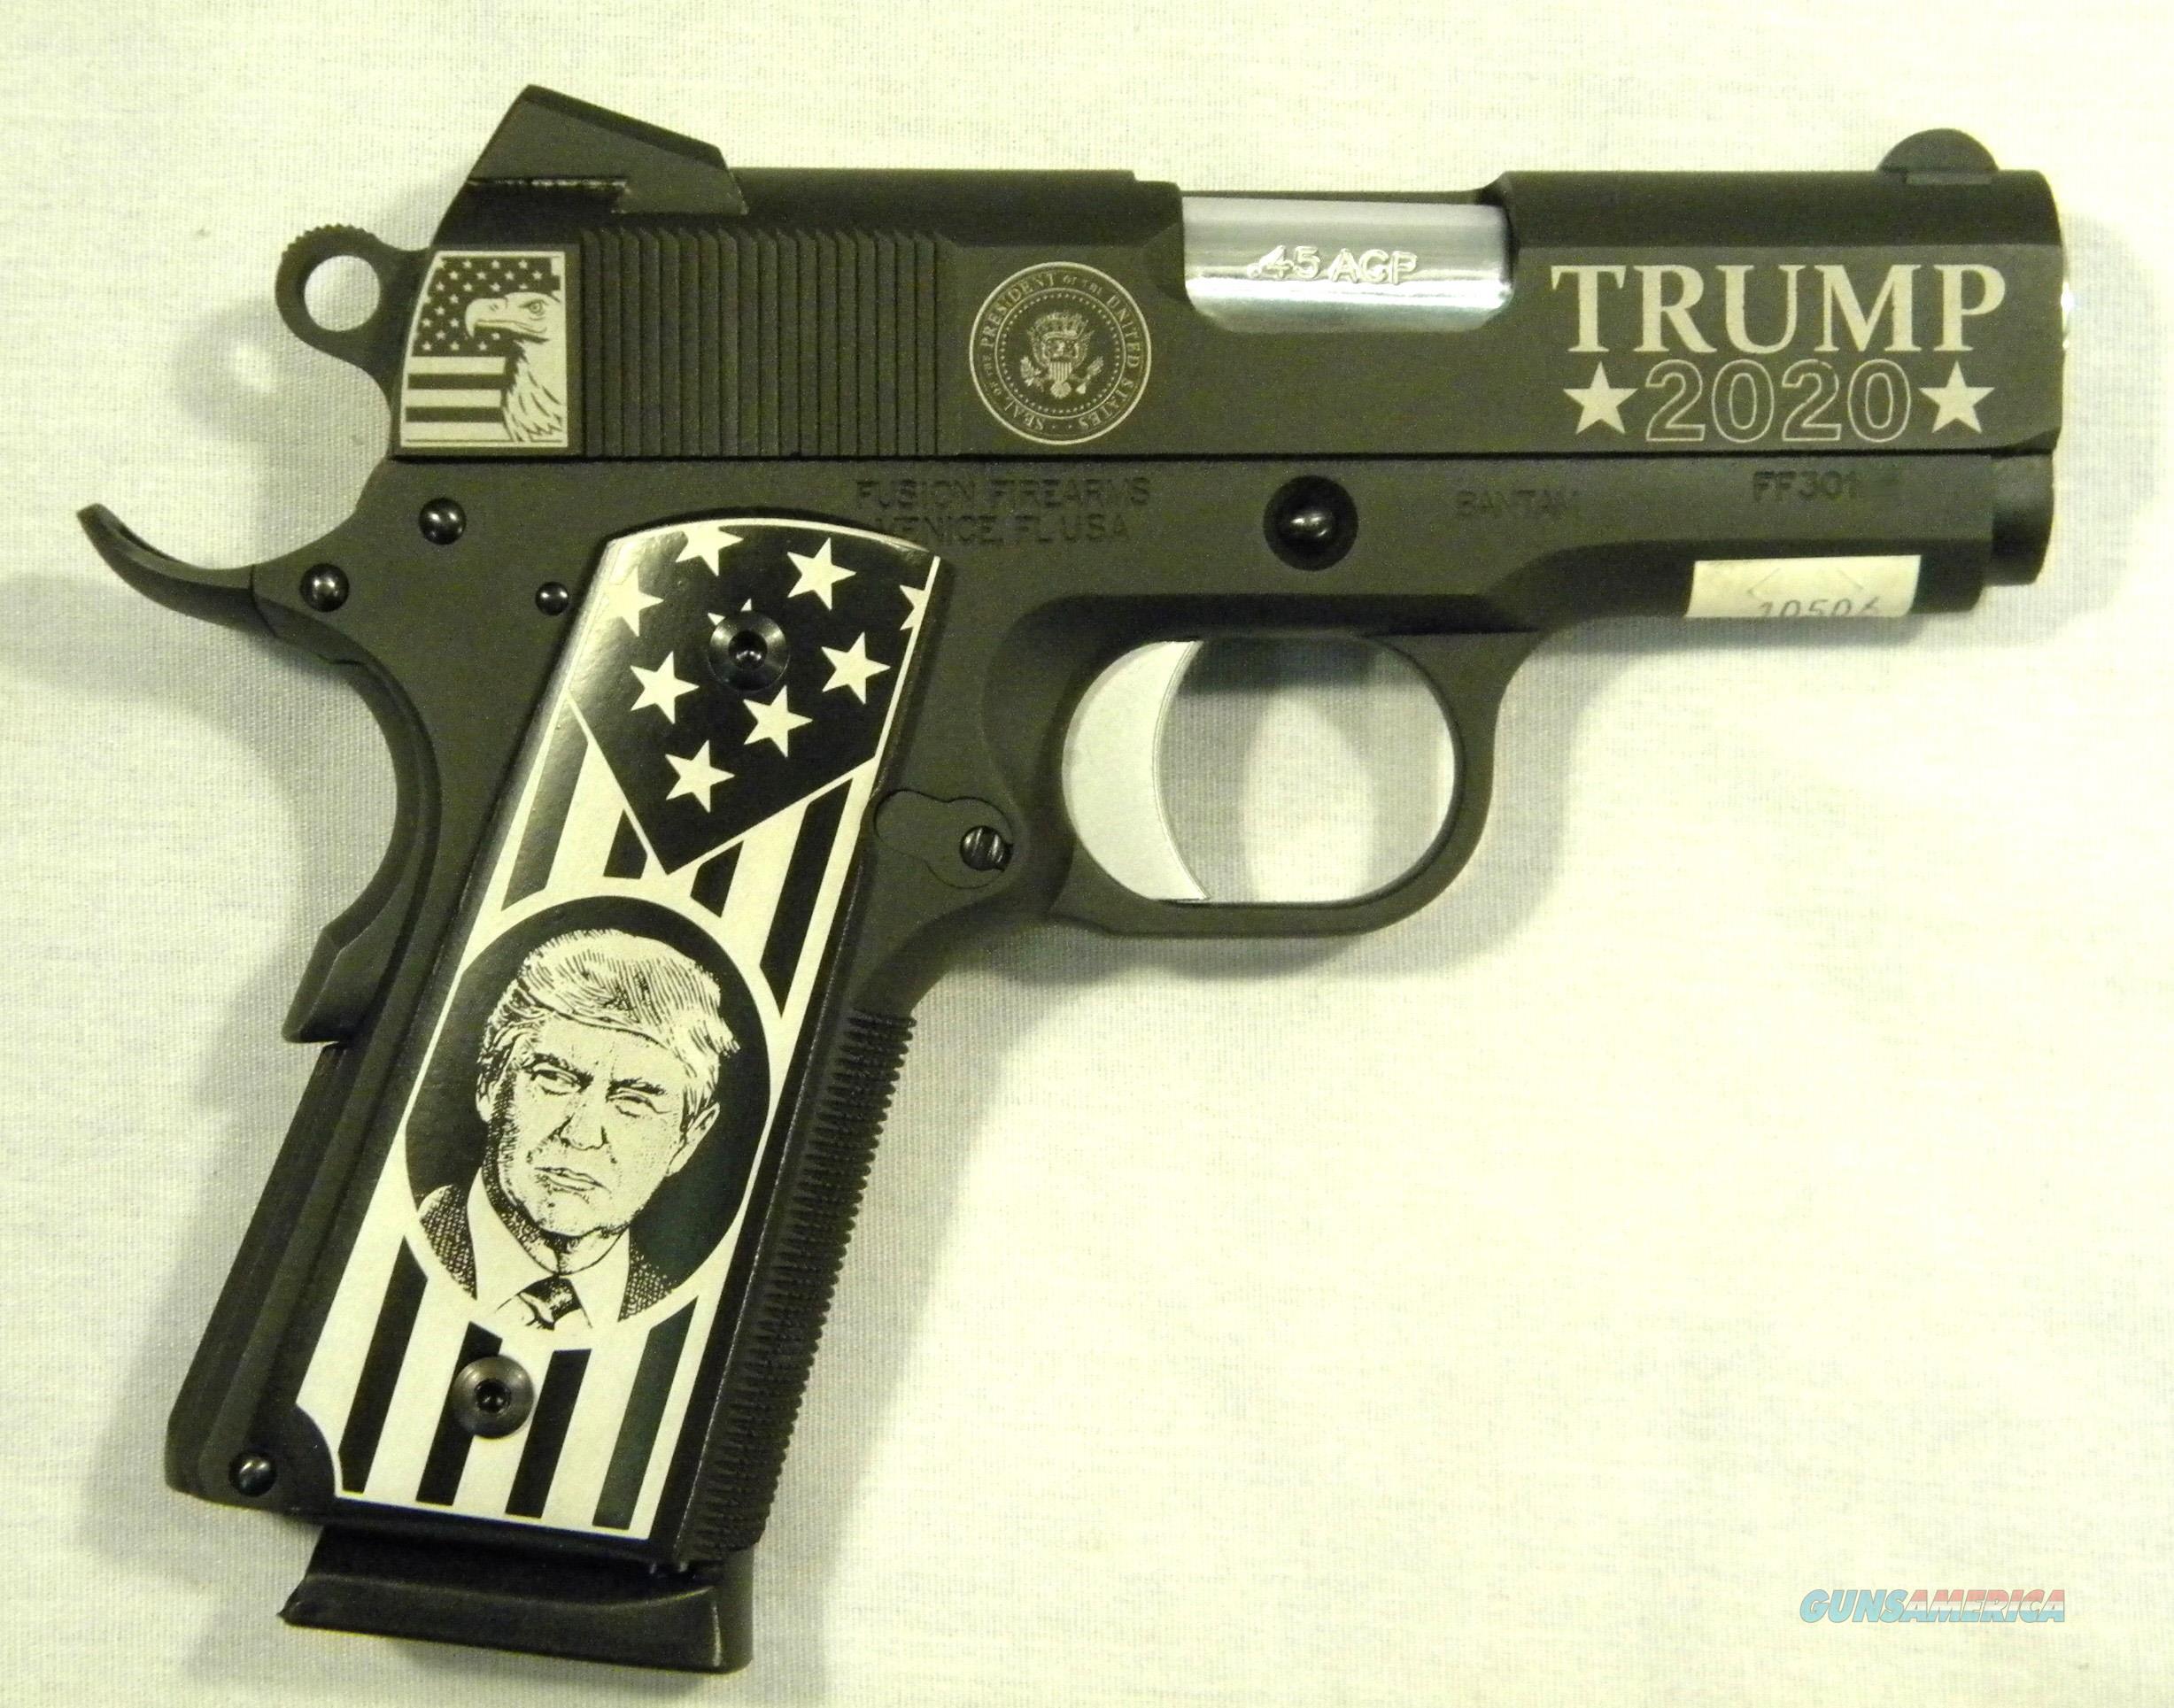 """""""Trump 2020"""" Fusion Firearms Bantam 1911, .45 ACP Semi-Auto Pistol, New In Box  Guns > Pistols > 1911 Pistol Copies (non-Colt)"""